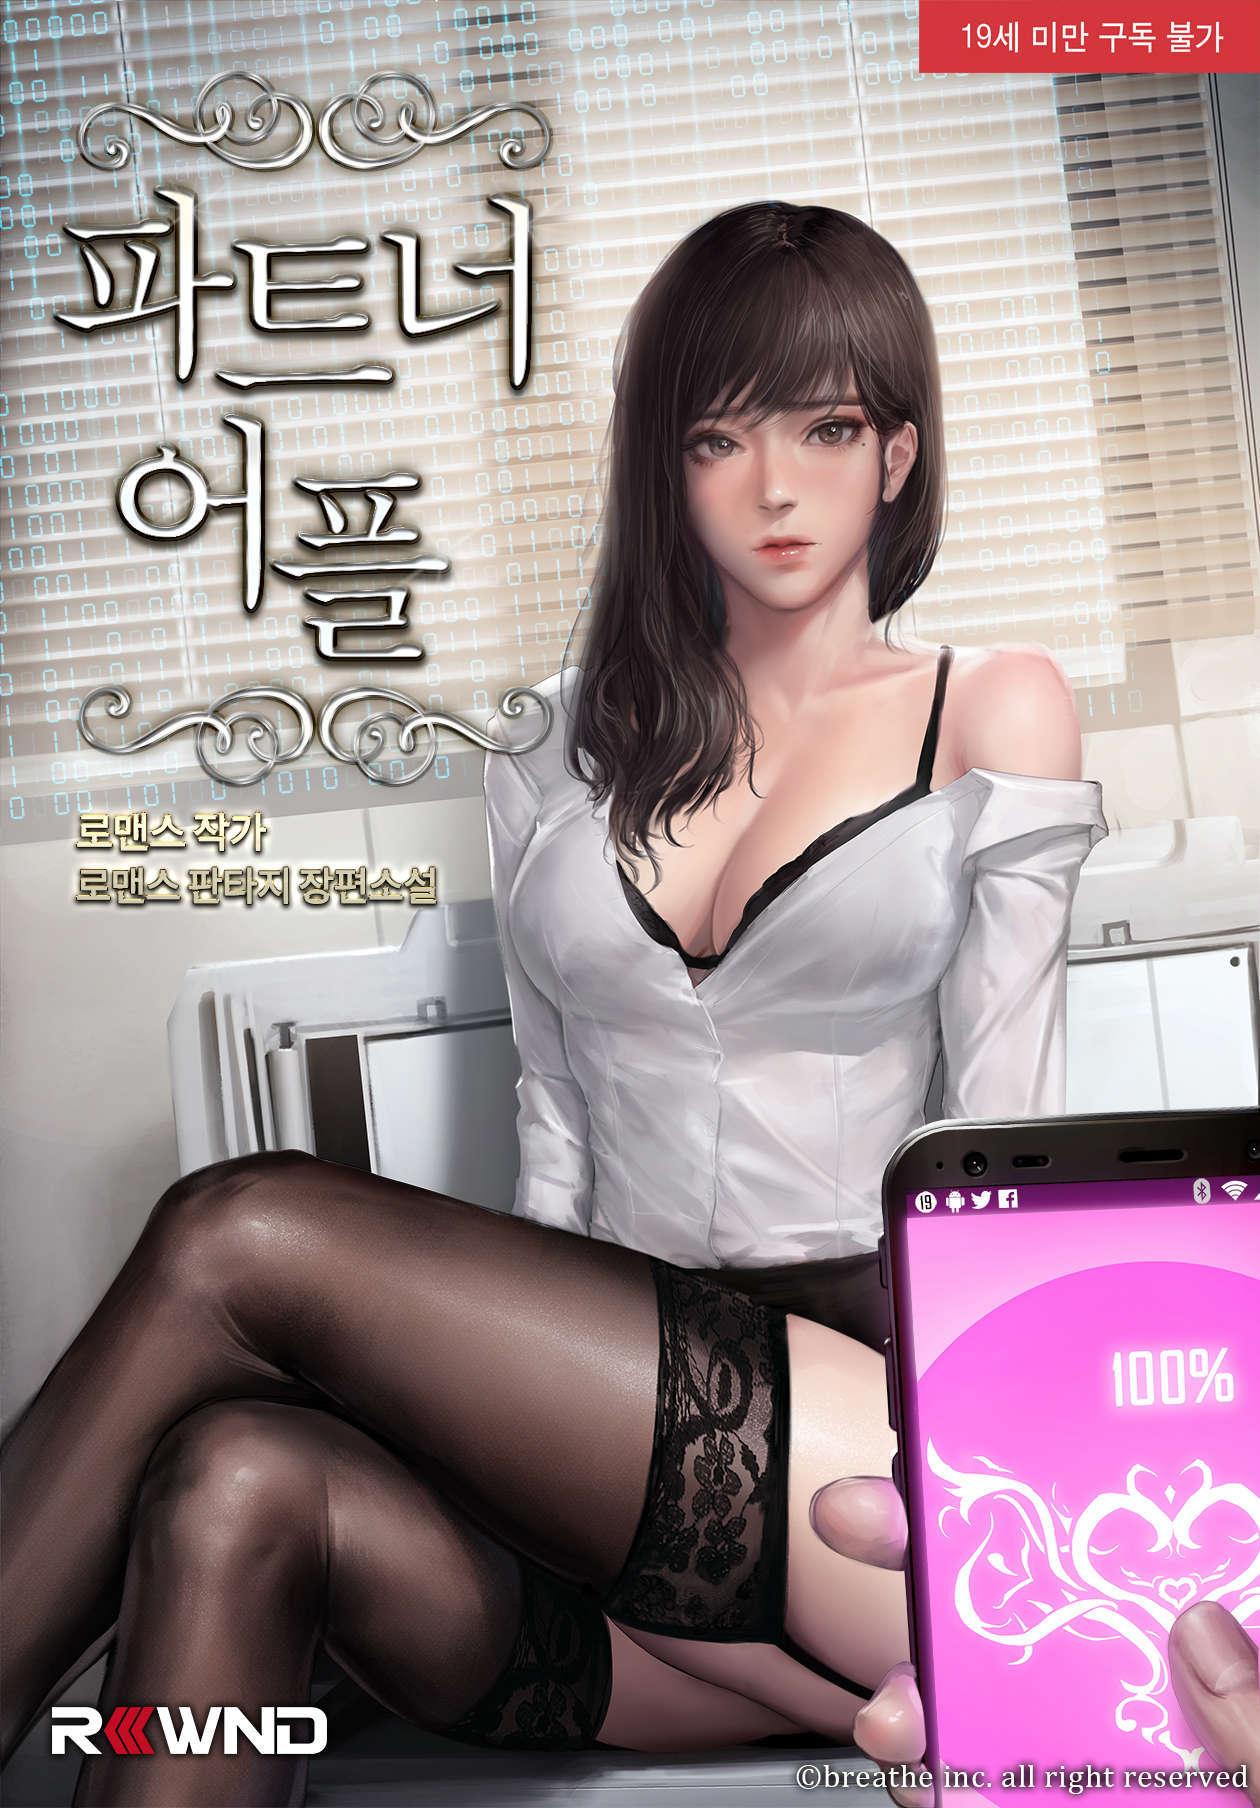 [合集] 【3D同人/全动态】韩国极品大师KIDMO:2020年2月作品CG+动画 步兵版【新作/CV/2.3G】